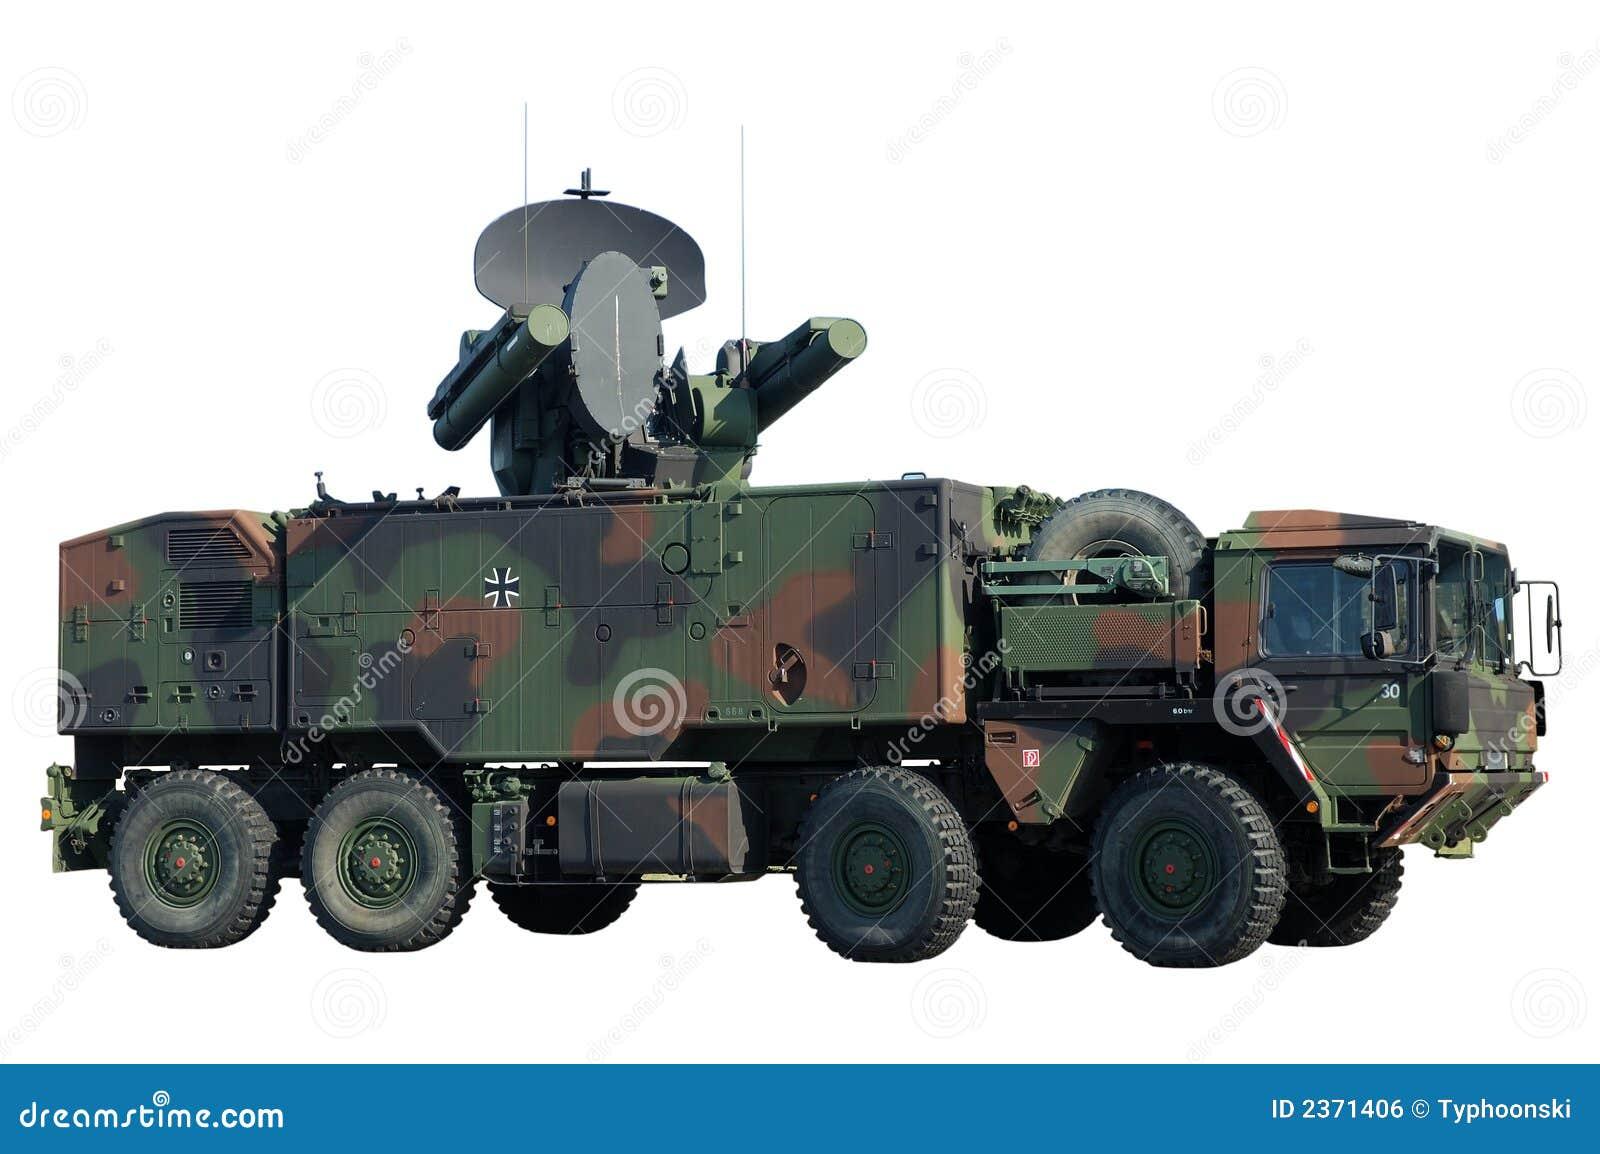 camion militare tedesco immagine stock libera da diritti immagine 2371406. Black Bedroom Furniture Sets. Home Design Ideas